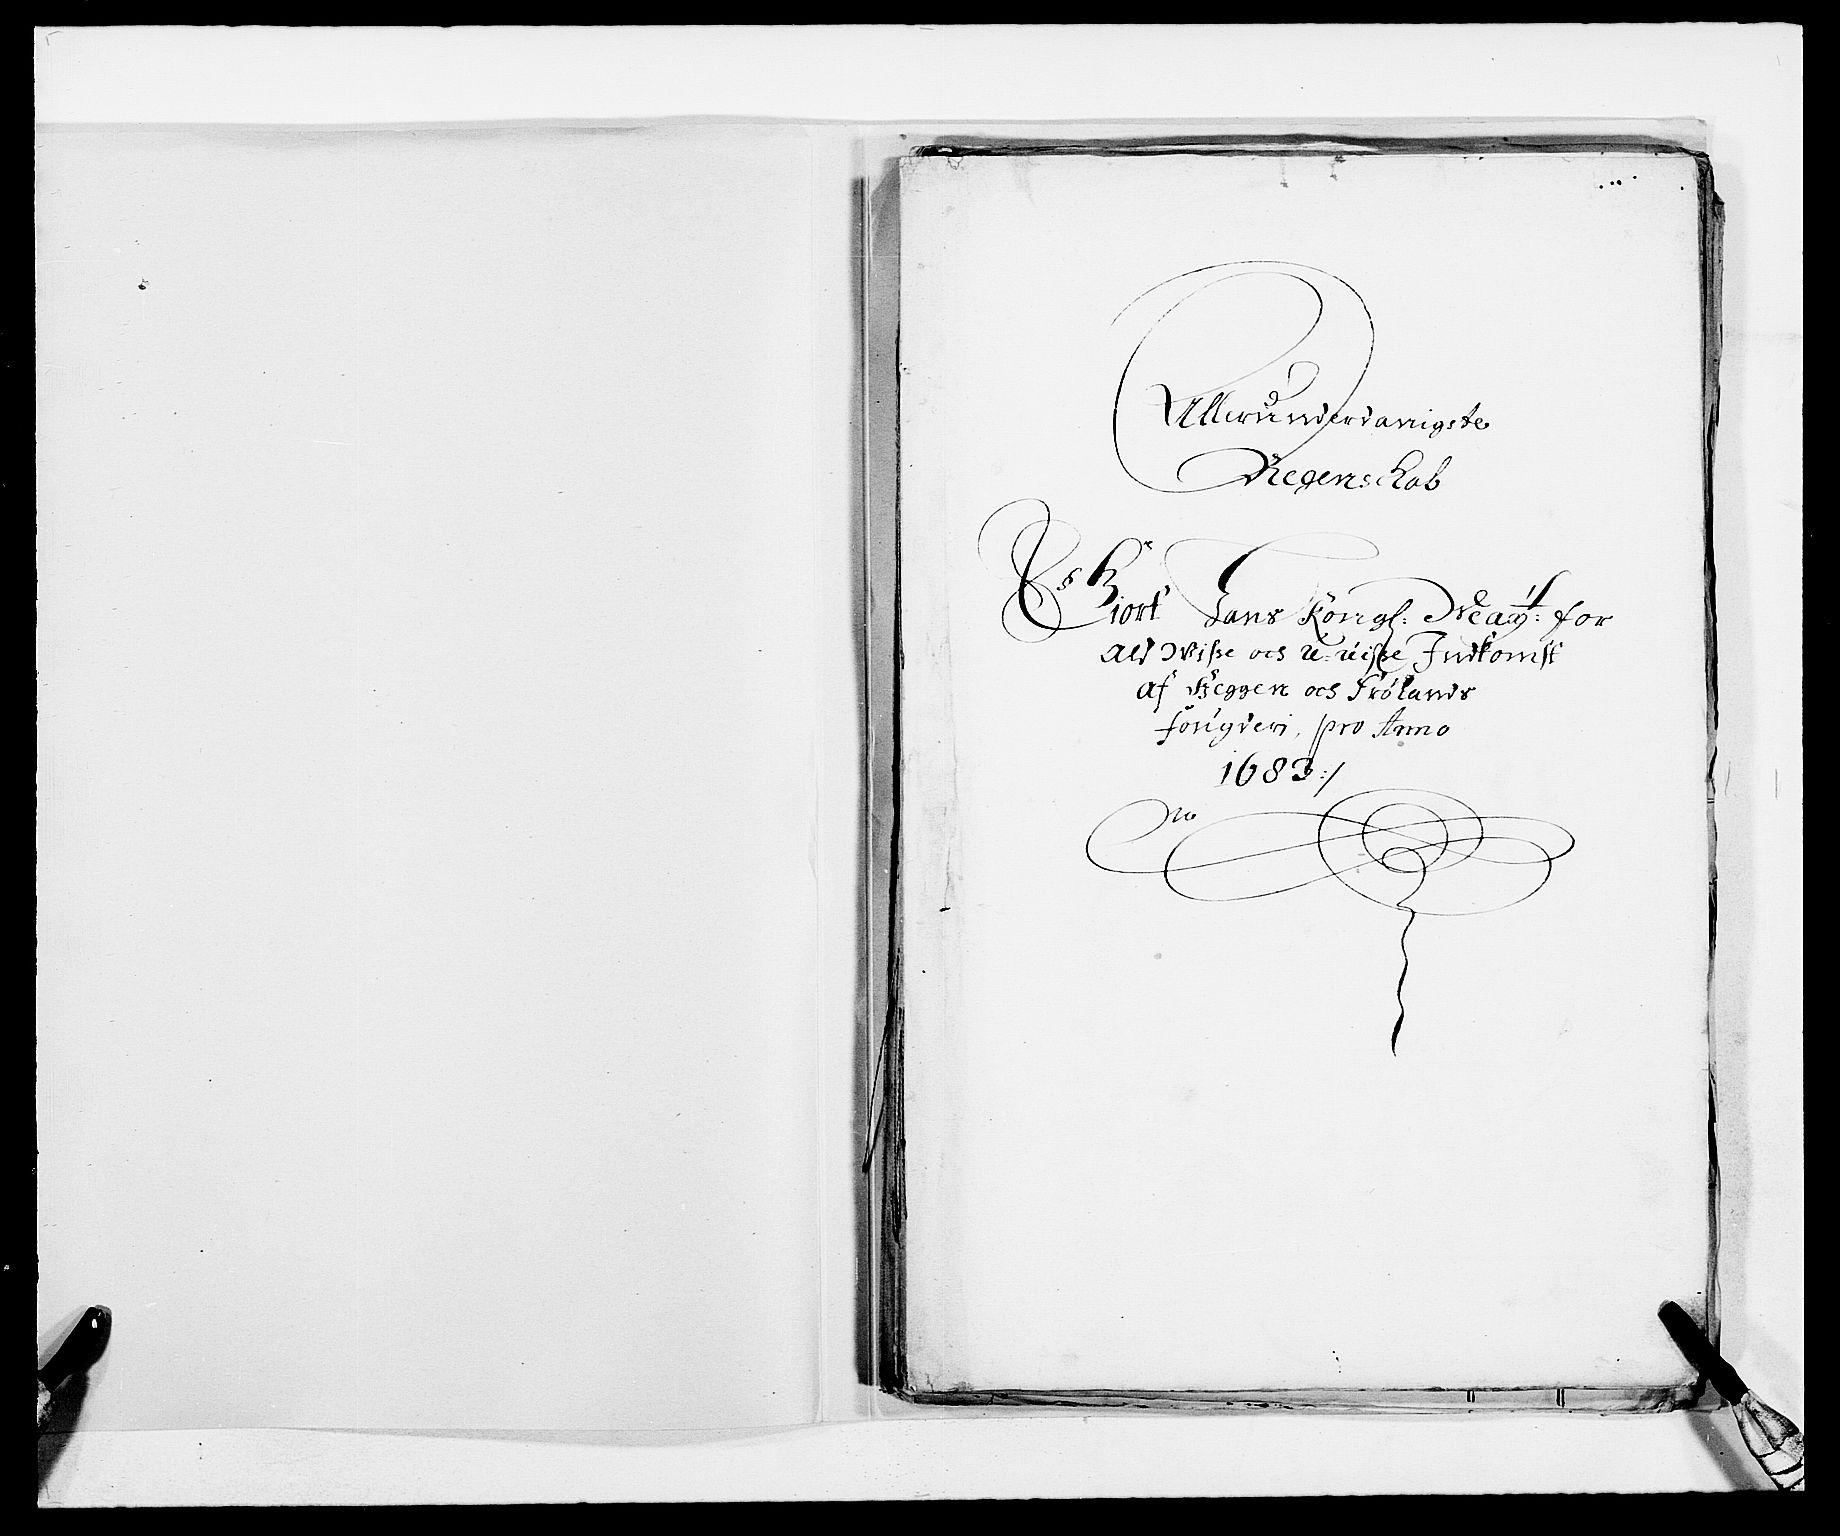 RA, Rentekammeret inntil 1814, Reviderte regnskaper, Fogderegnskap, R06/L0280: Fogderegnskap Heggen og Frøland, 1681-1684, s. 353